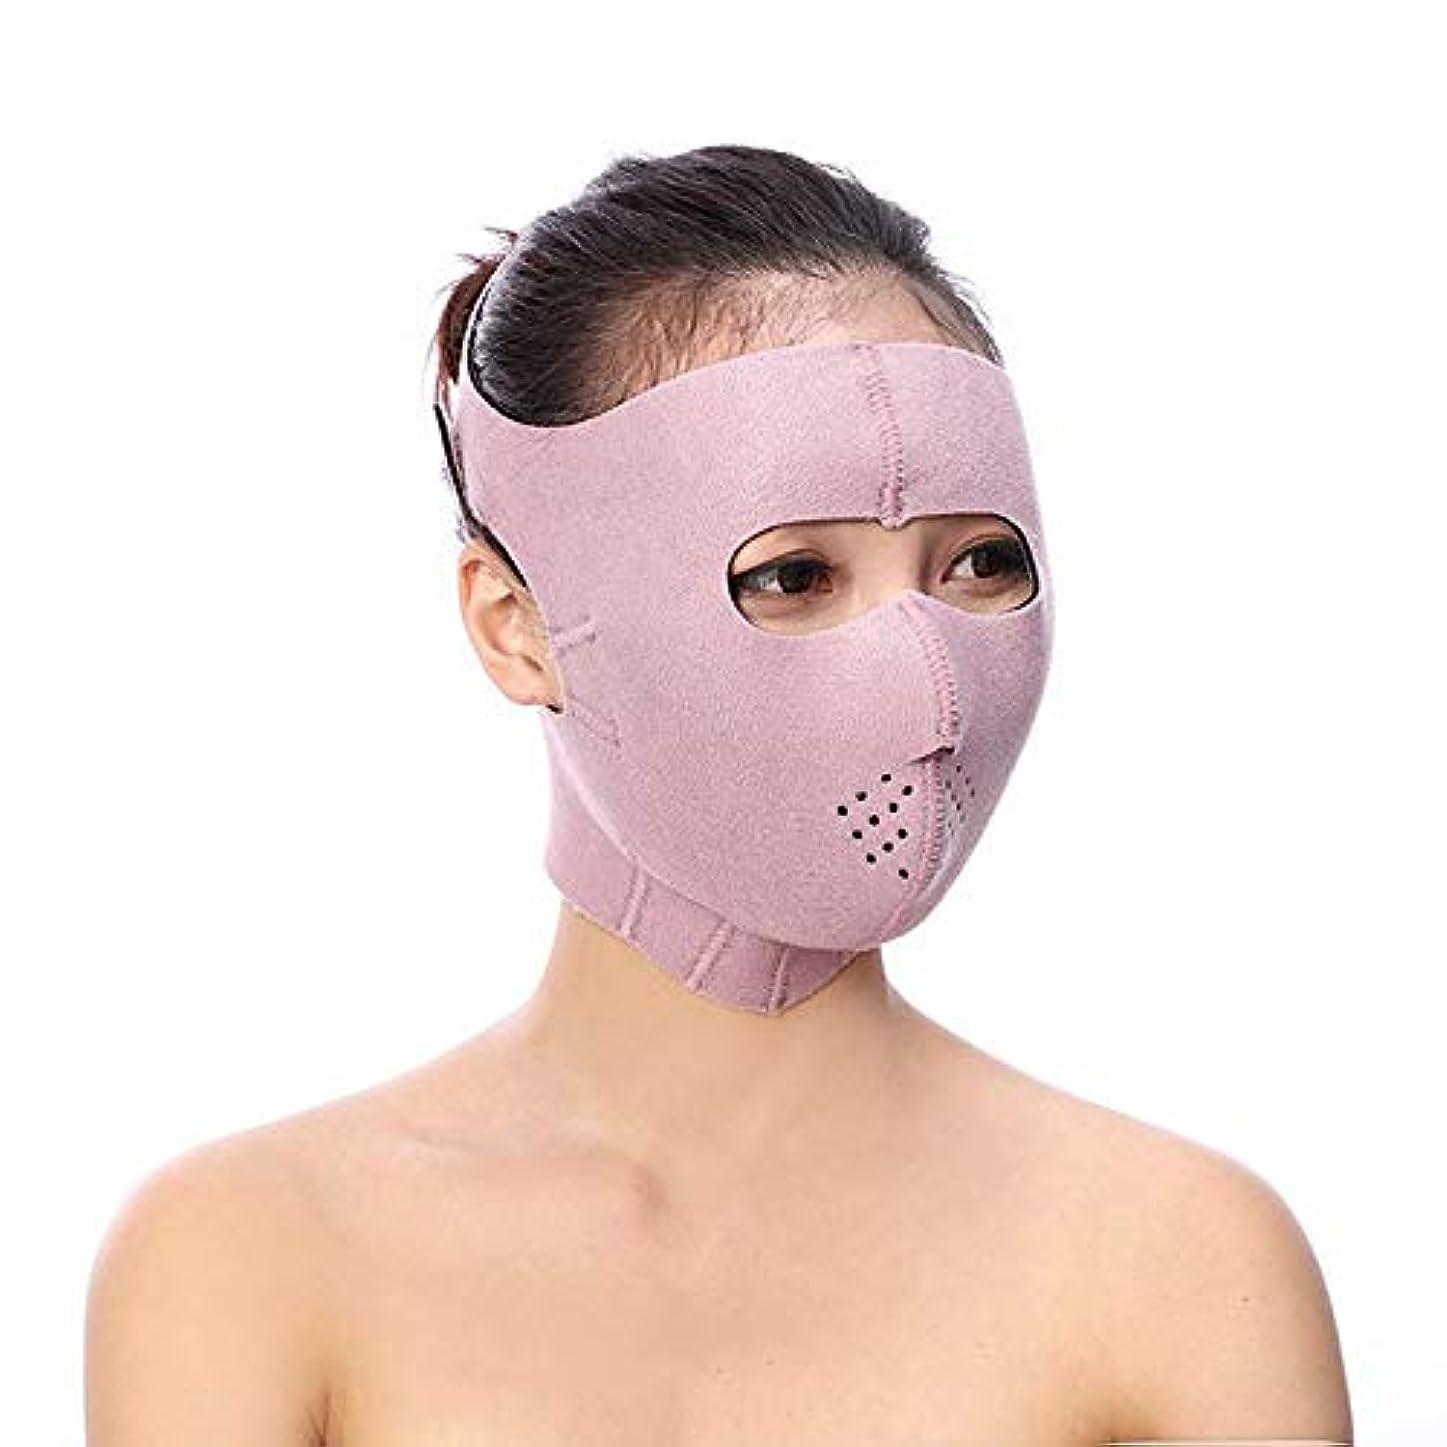 色旅上回るMinmin フェイシャルリフティング痩身ベルト - Vフェイス包帯マスクフェイシャルマッサージャー無料の薄いフェイス包帯整形マスクを引き締める顔と首の顔スリム みんみんVラインフェイスマスク